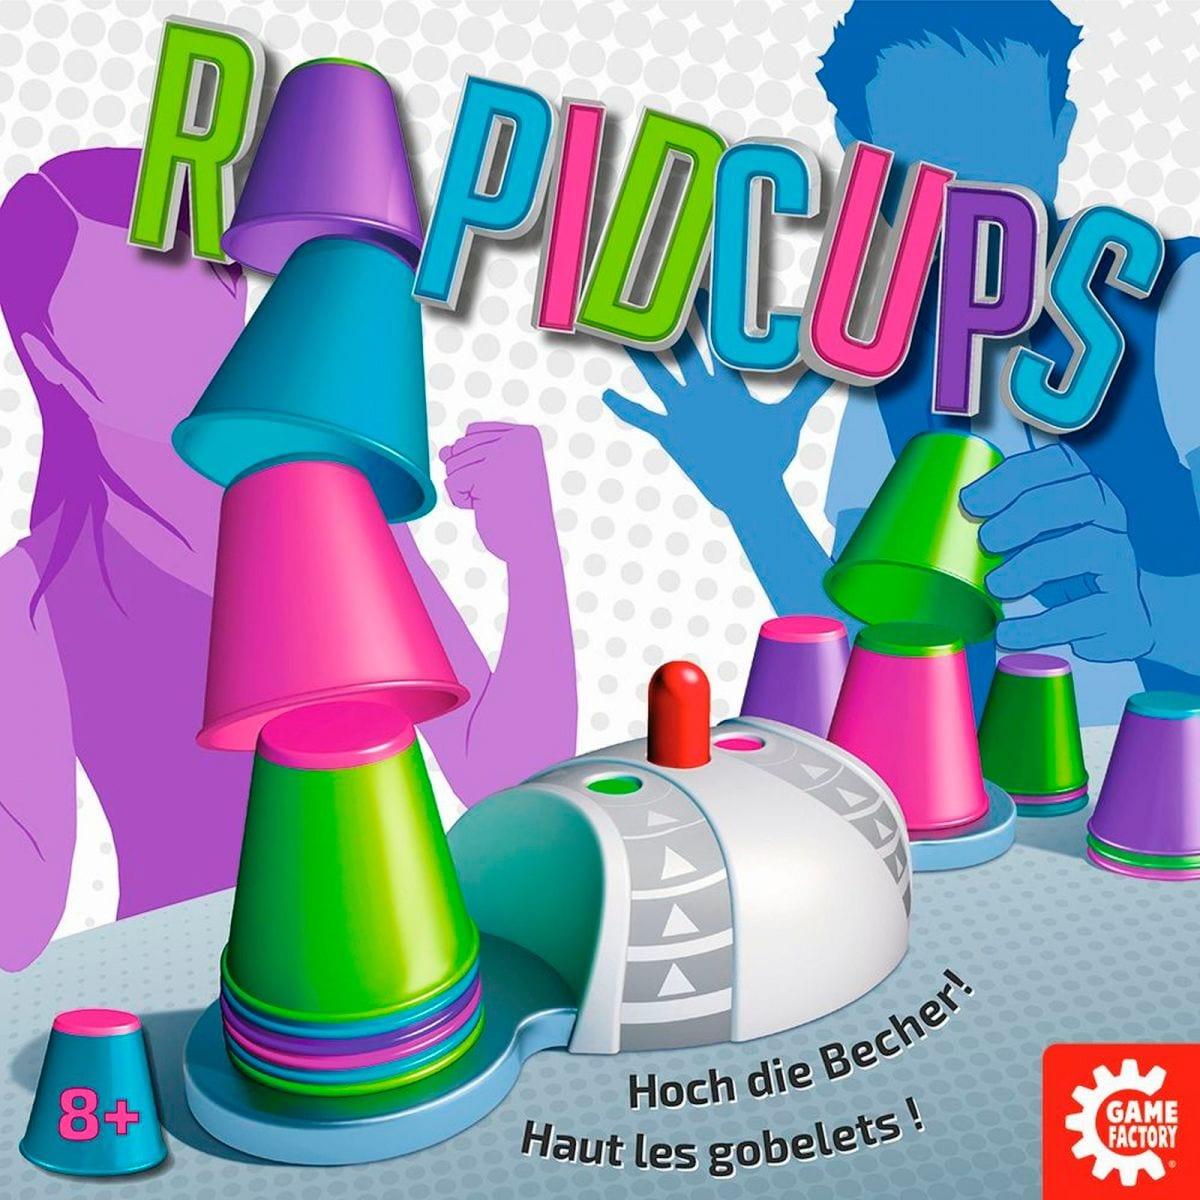 Rapid Cups Giochi di società